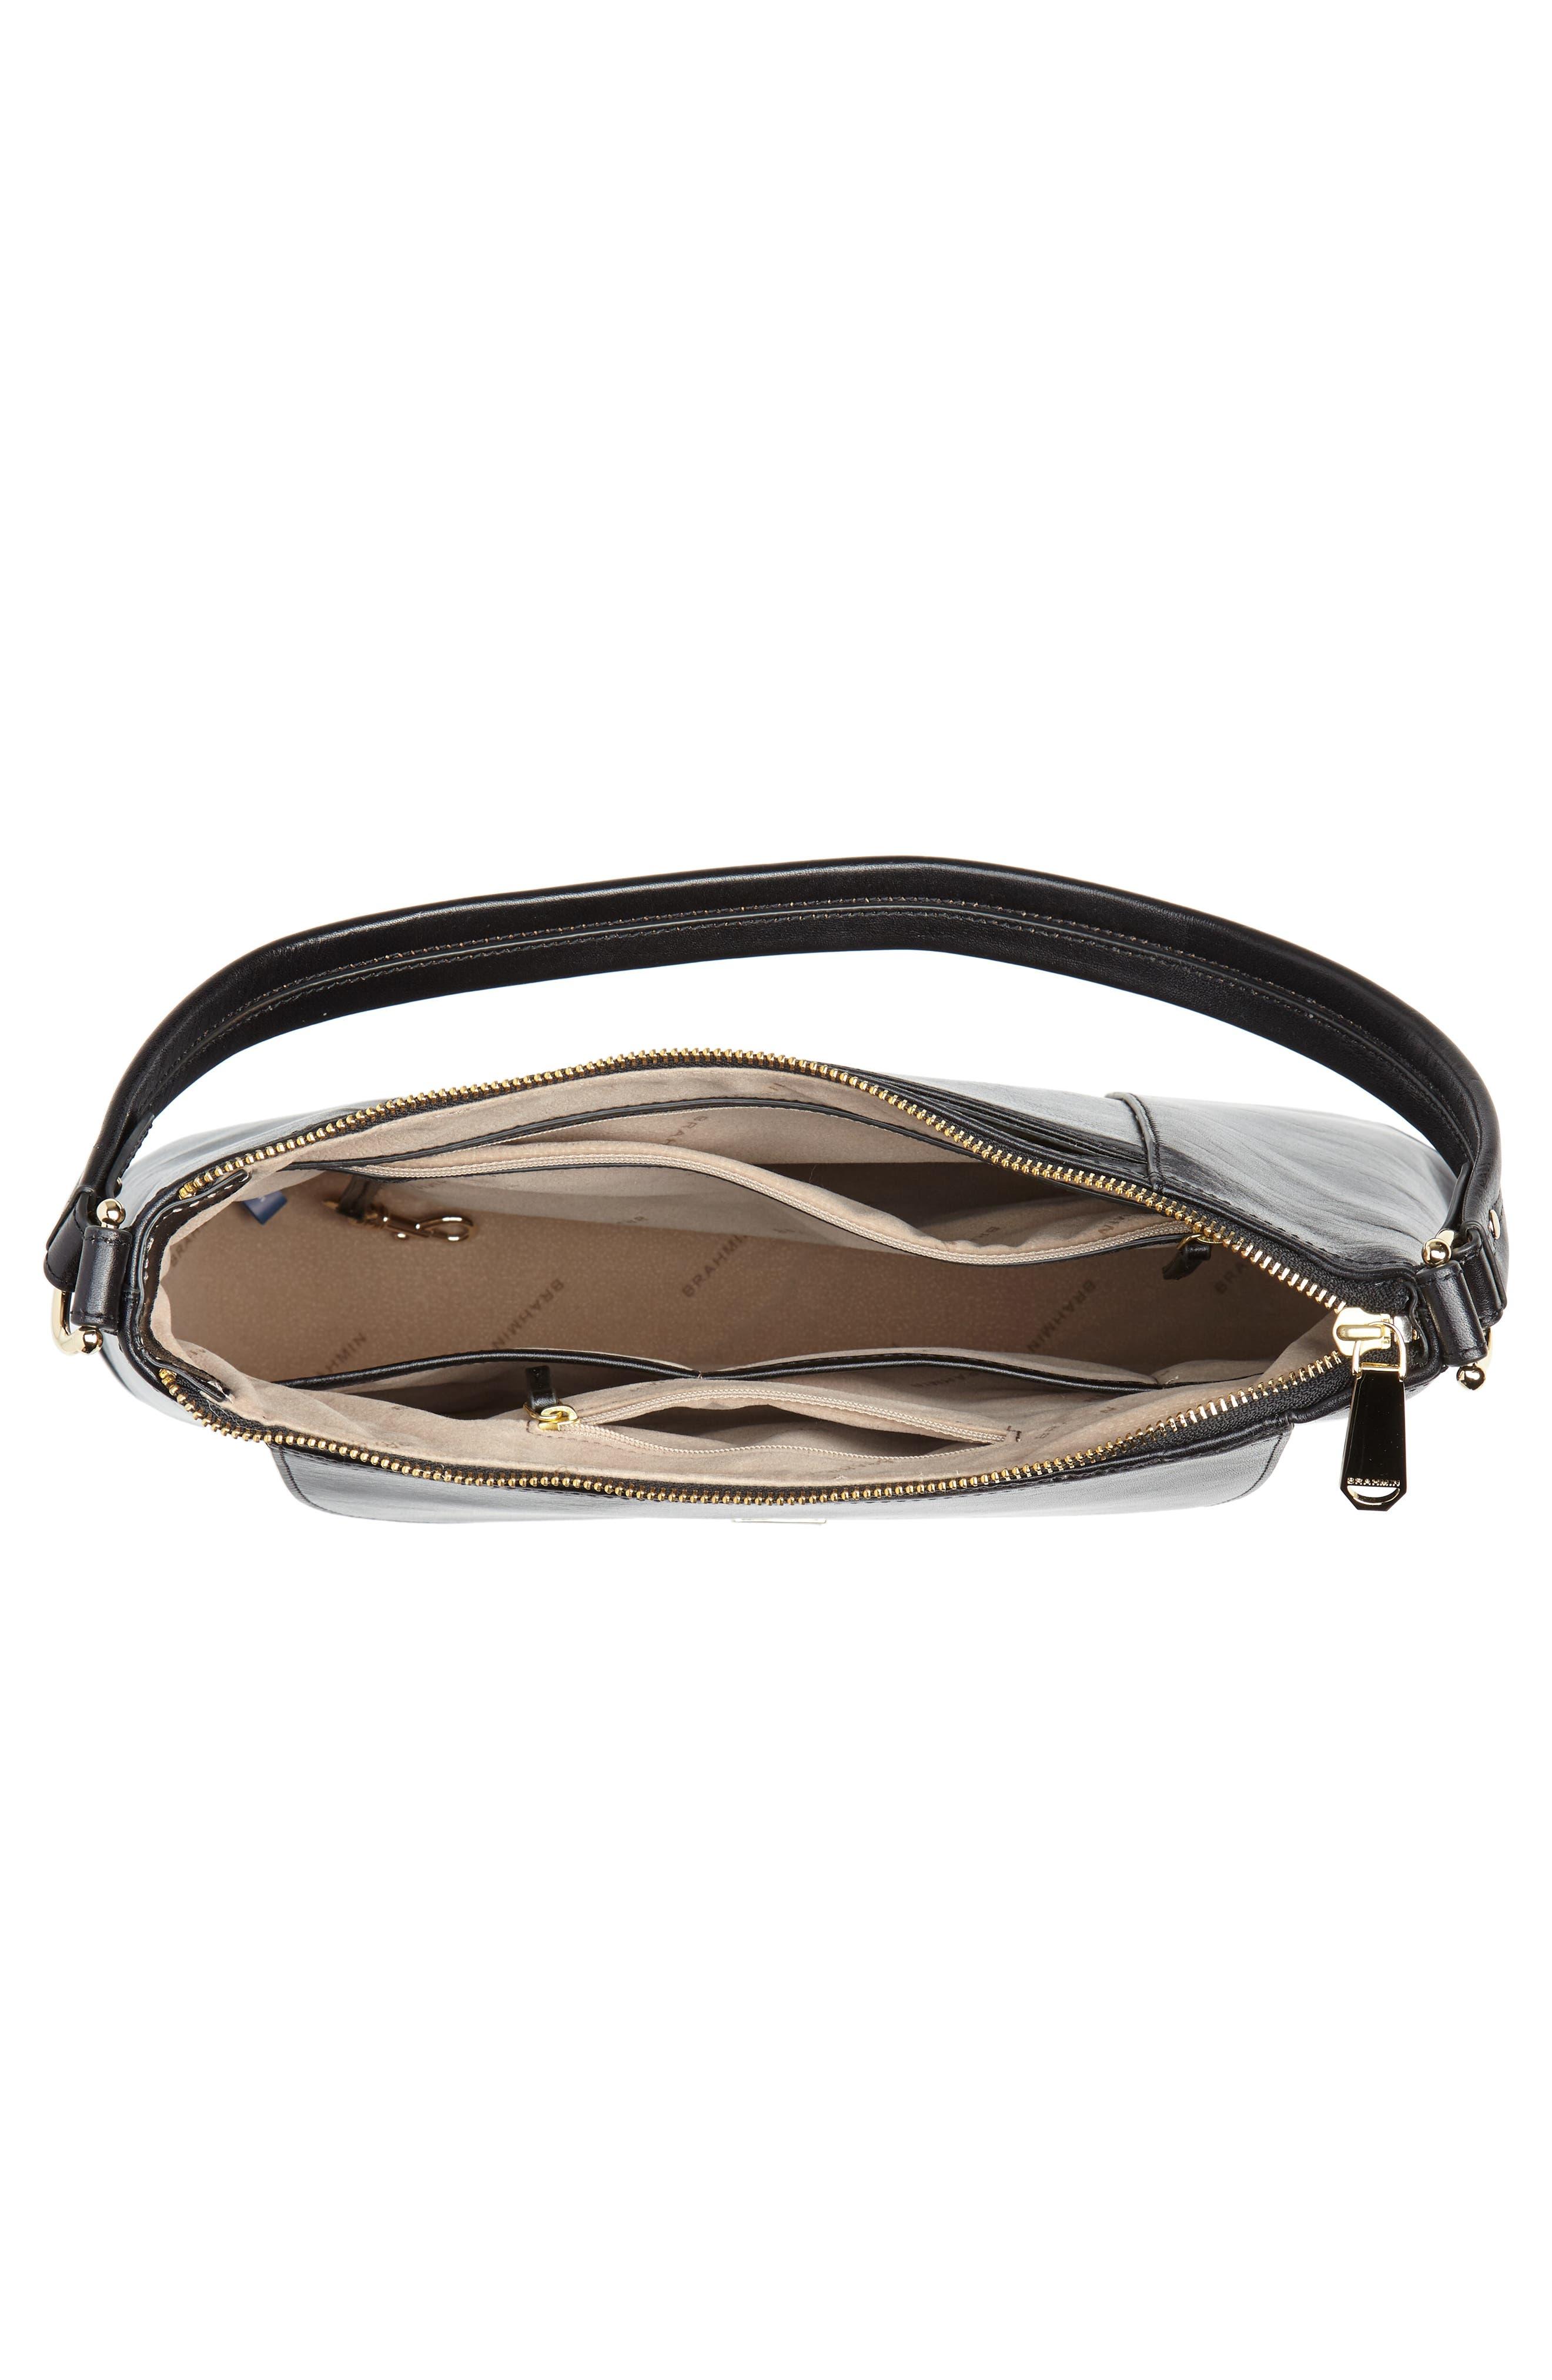 Weslynn Leather Shoulder Bag,                             Alternate thumbnail 4, color,                             BLACK